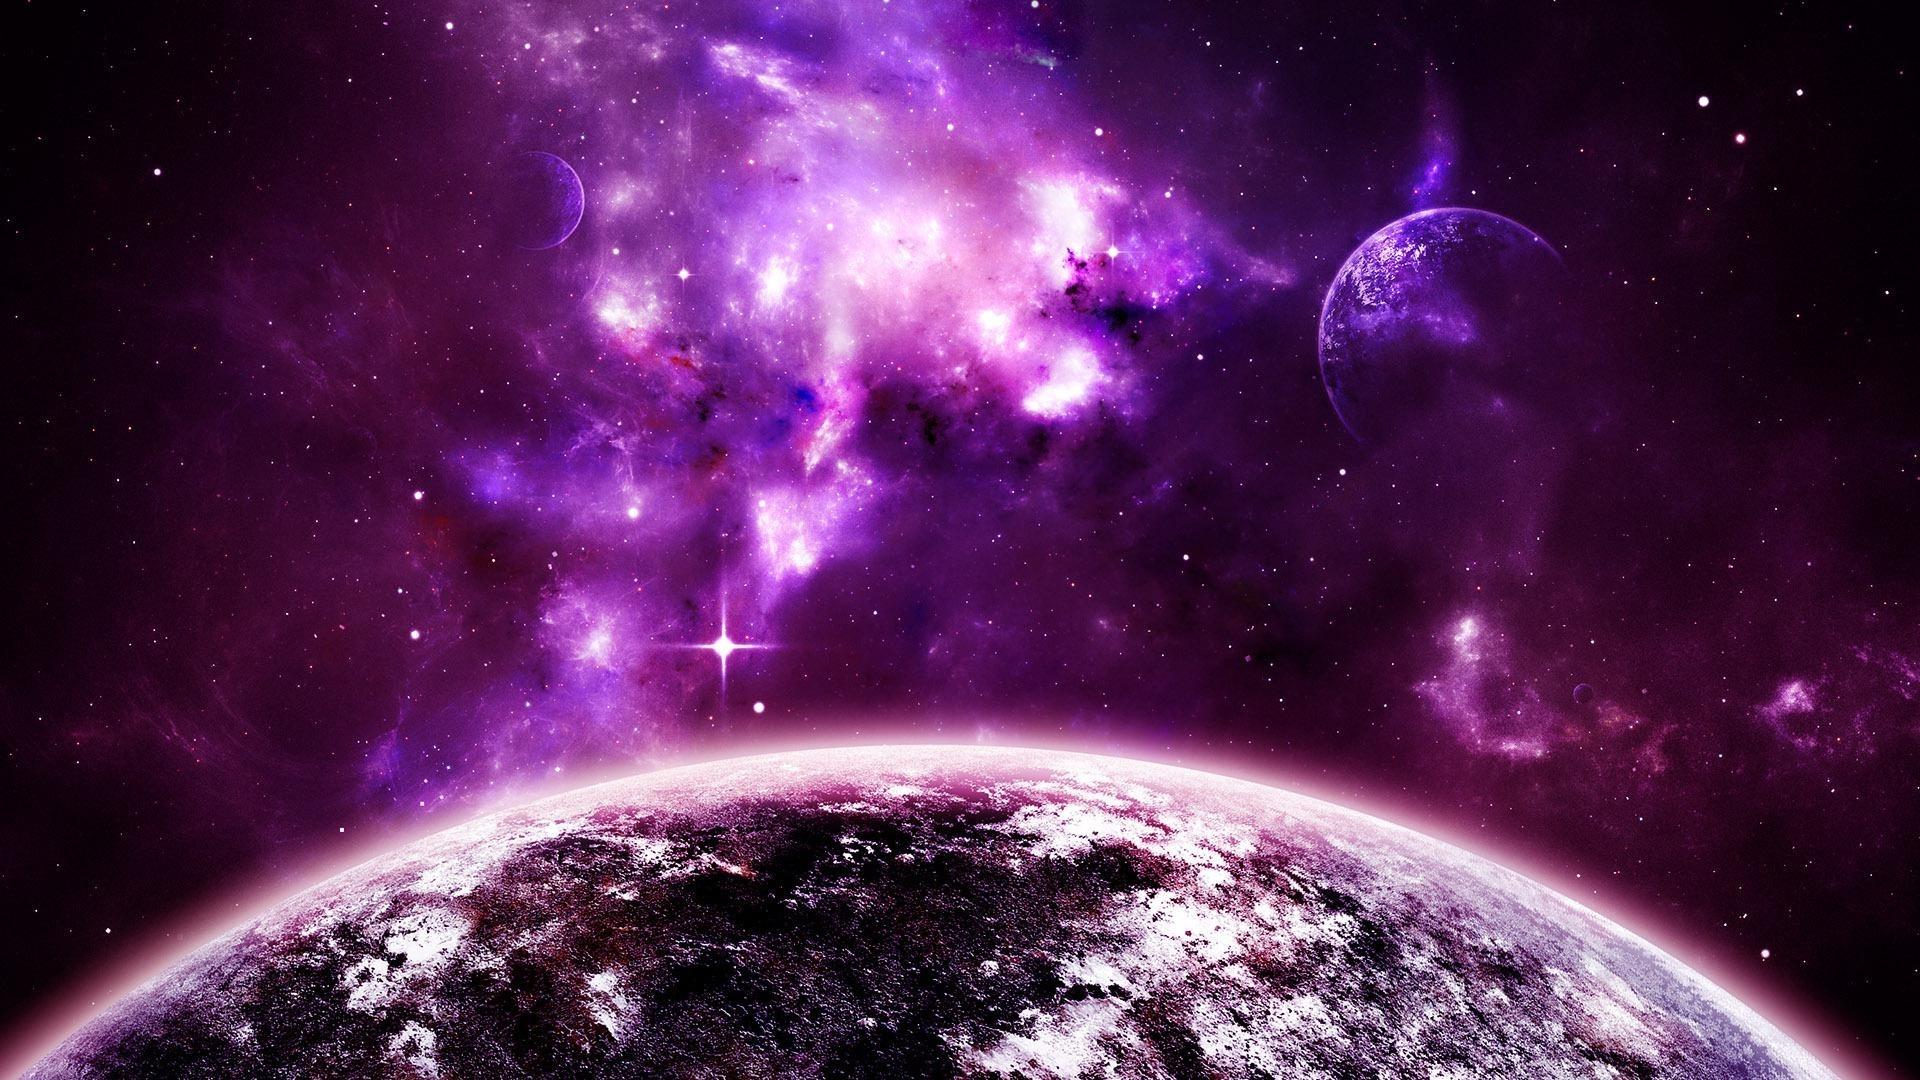 Purple Space Wallpaper